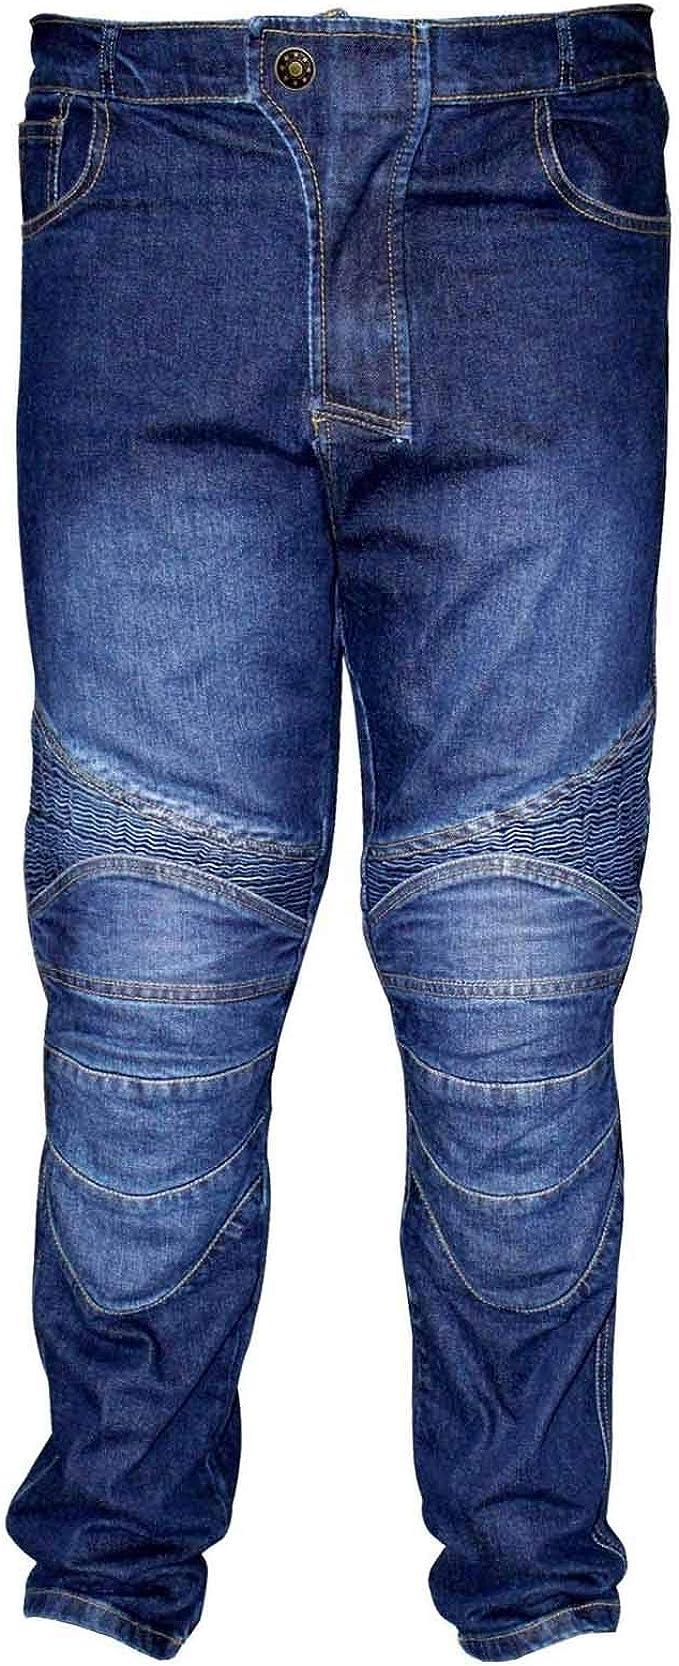 Profirst Motorrad Jeans Für Herren Blau Mit Ce Protektoren Große Größen An Taillen Beinoptionen Gr S 30 Taille Blau Bekleidung